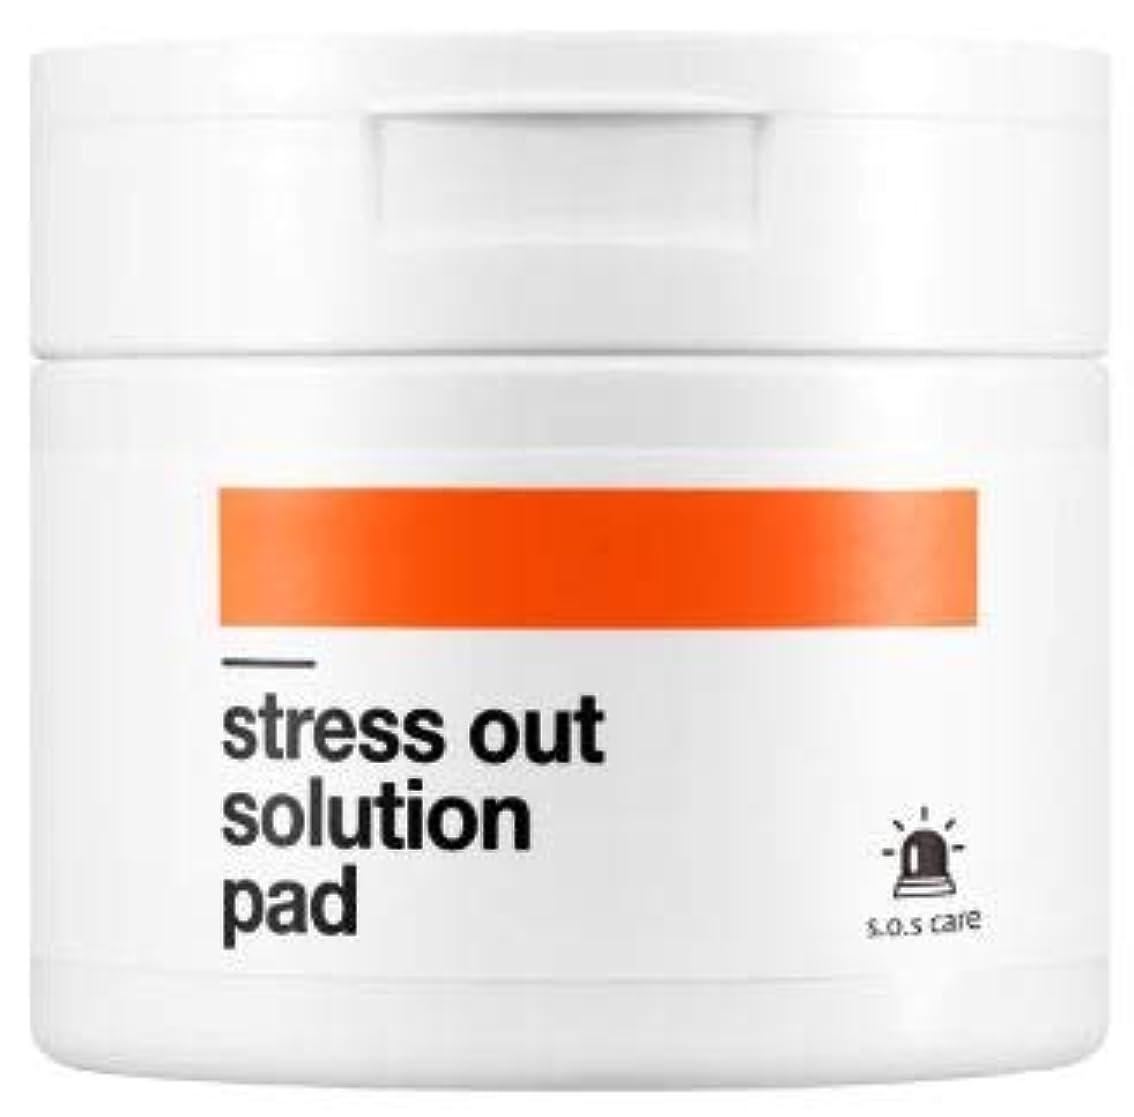 識別ミュウミュウ似ている[BELLAMONSTER]? Stress out solution pad #carrot / [ベラモンスター] ストレスアウト ソリューションパッド#ニンジンパッド [並行輸入品]